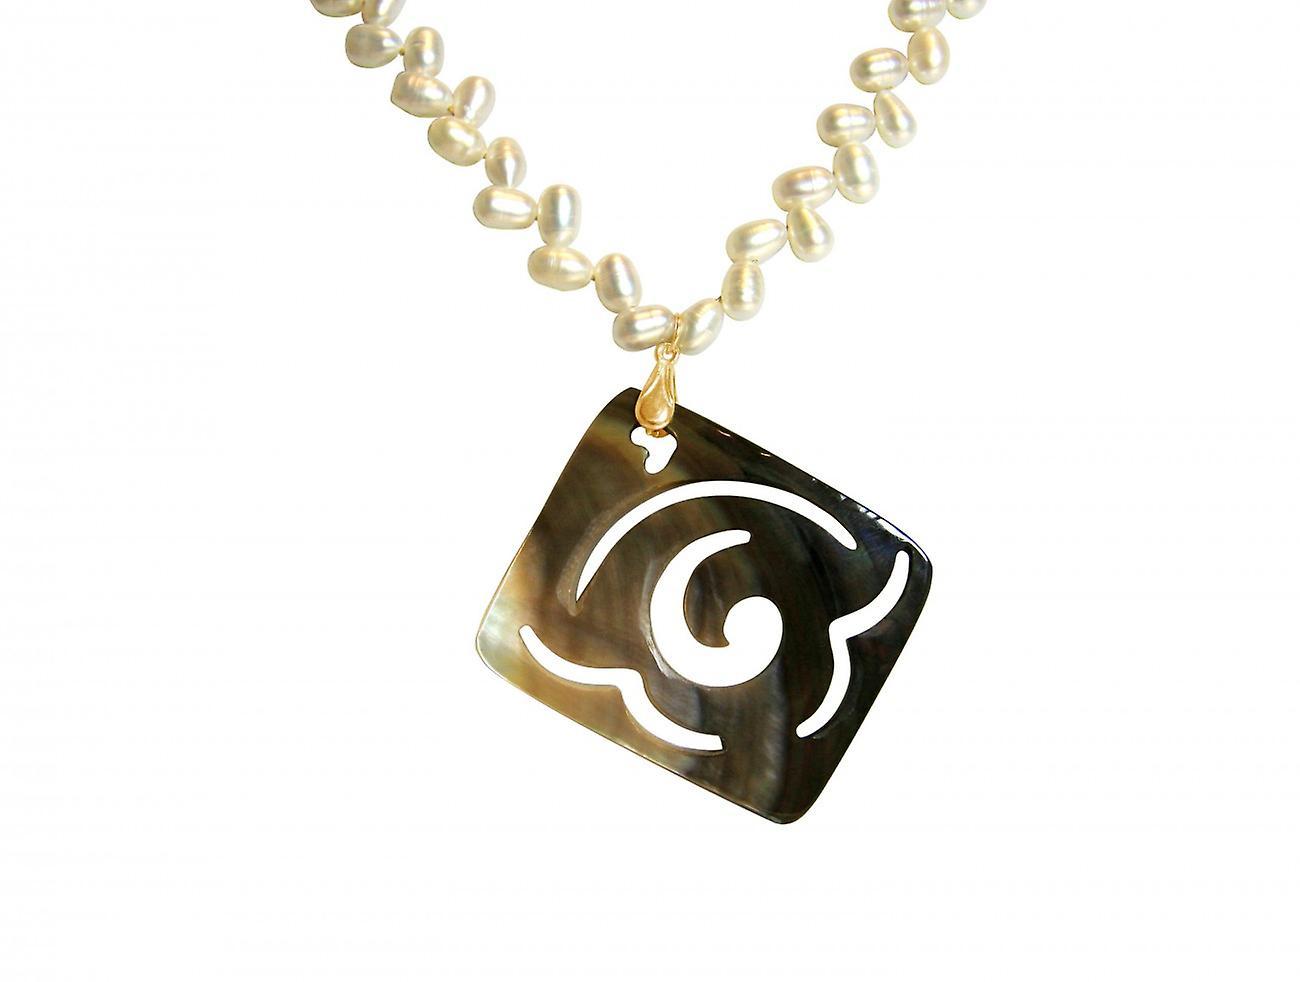 Gemshine - femmes - Halskette - Anhänger - Medaillon - Perlen - Perlmutt - Veroret - Bronze - gris - blanc - 7 cm